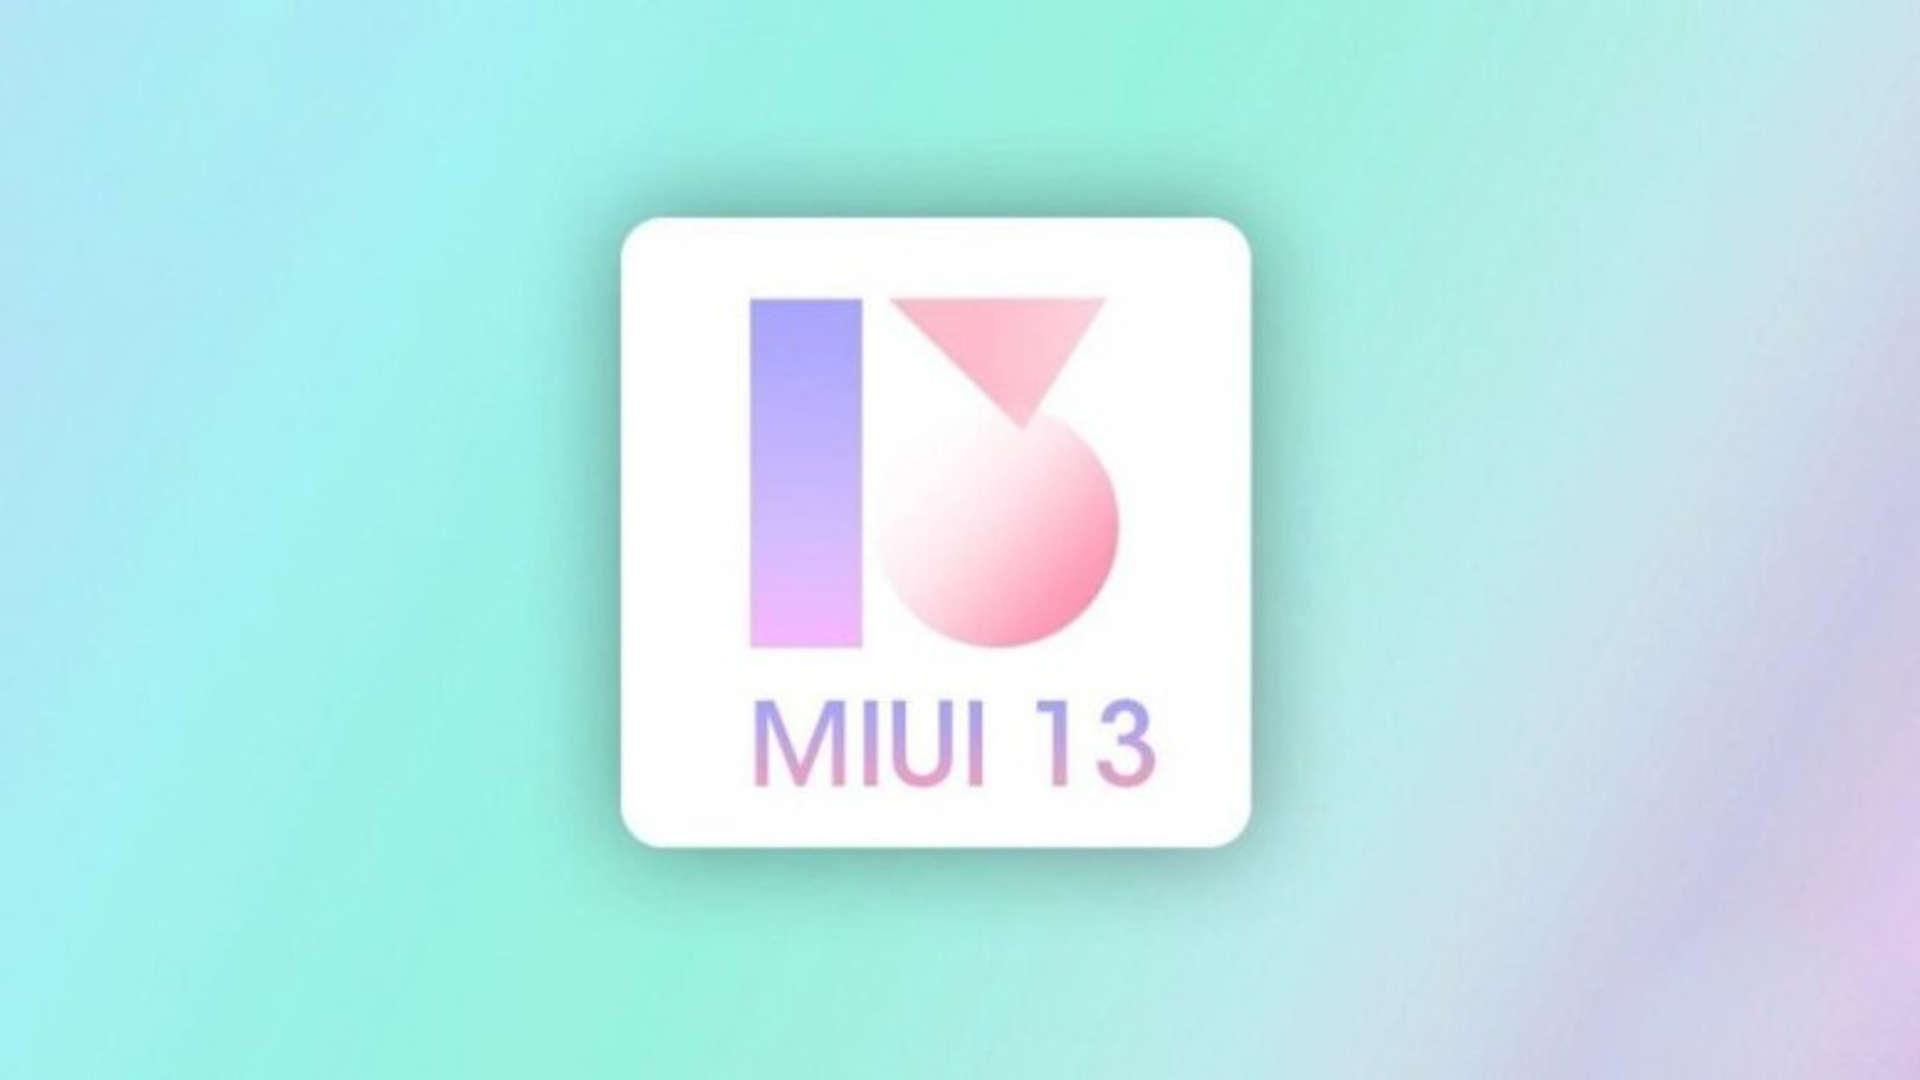 MIUI 13 güncellemesi ne zaman çıkacak? MIUI 13 çıkış tarihi